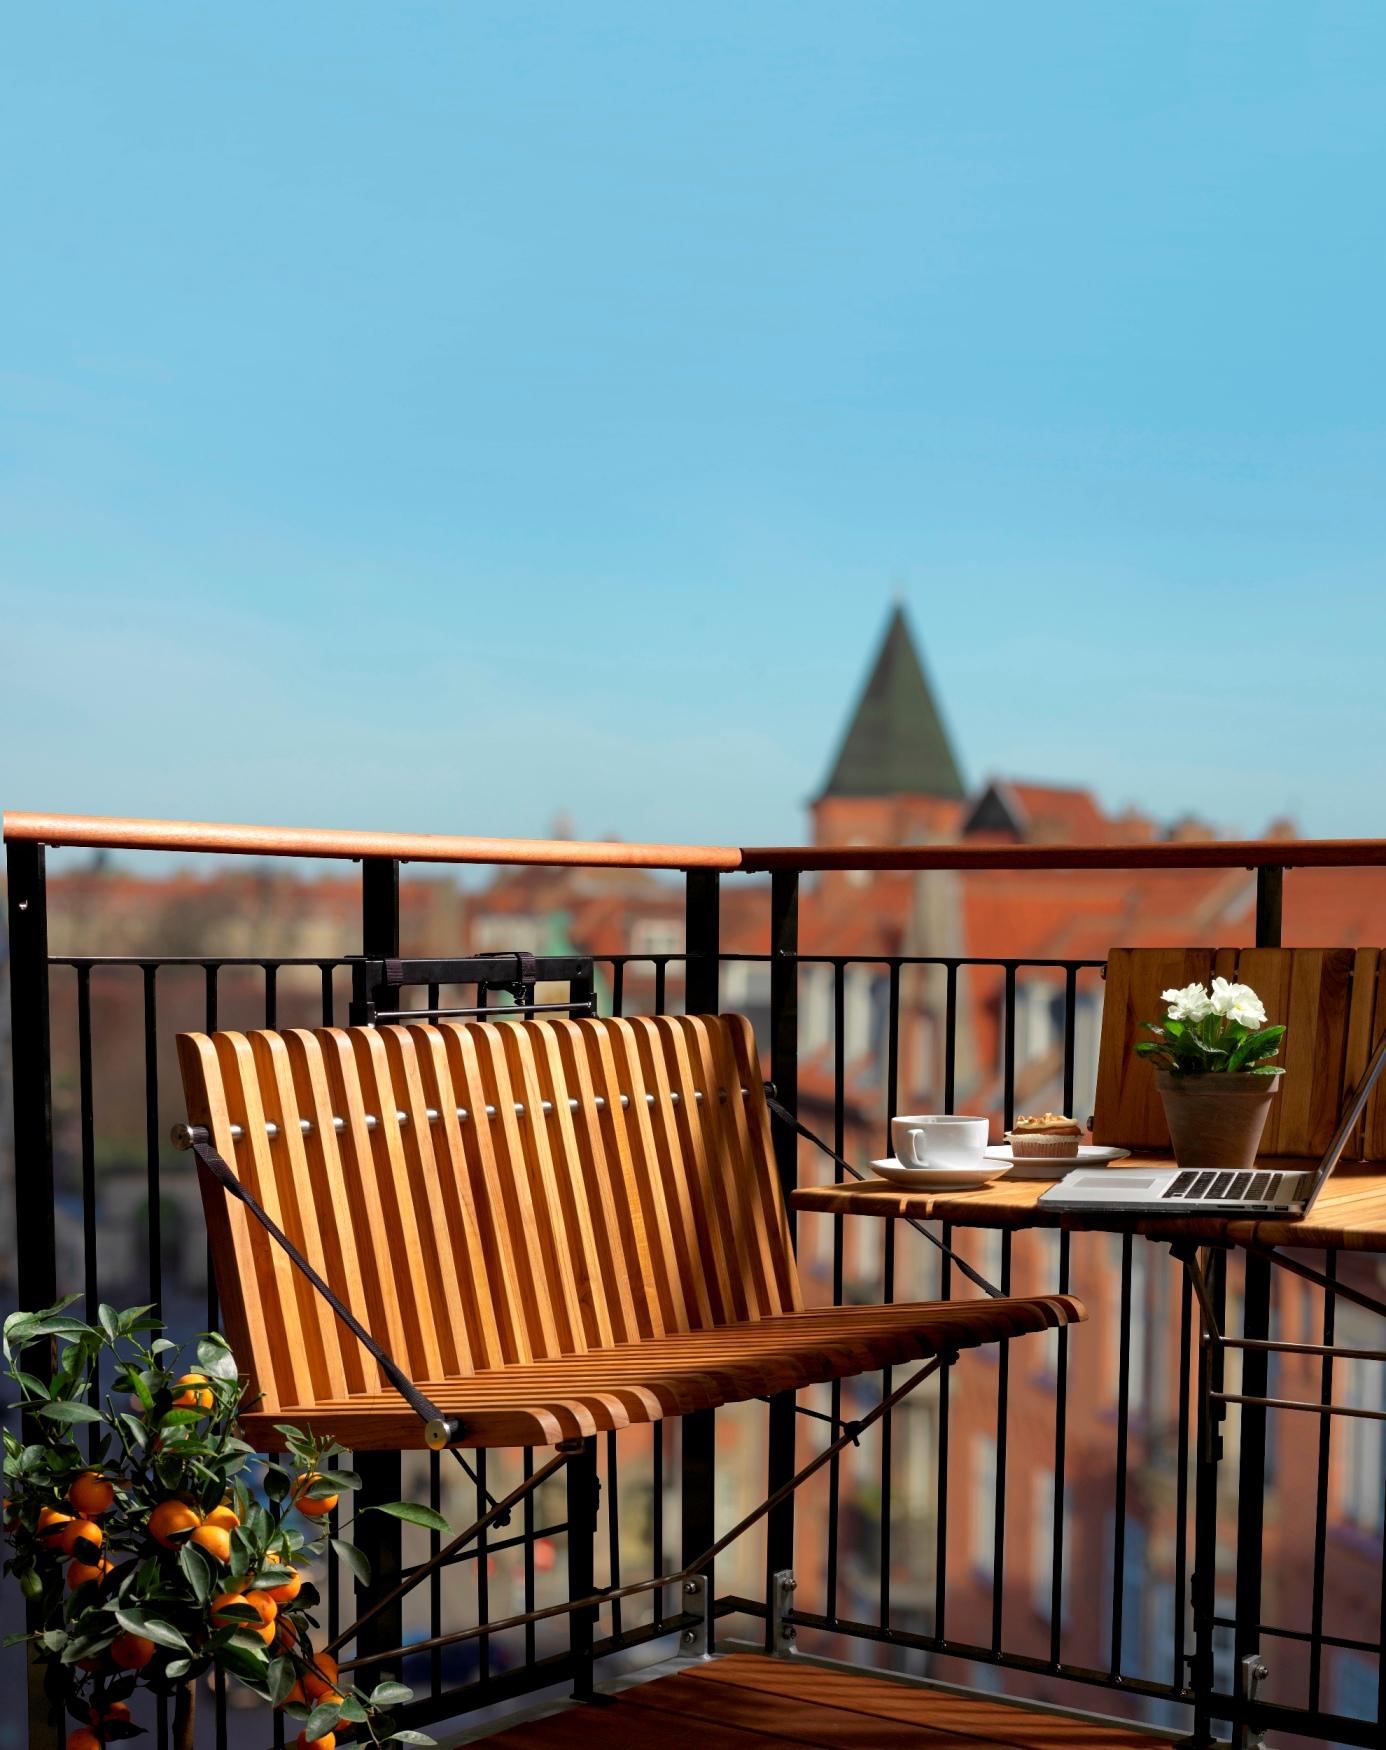 altanmøbler Coop og Altan.dk udvikler specialdesignede altanmøbler   RetailNews altanmøbler